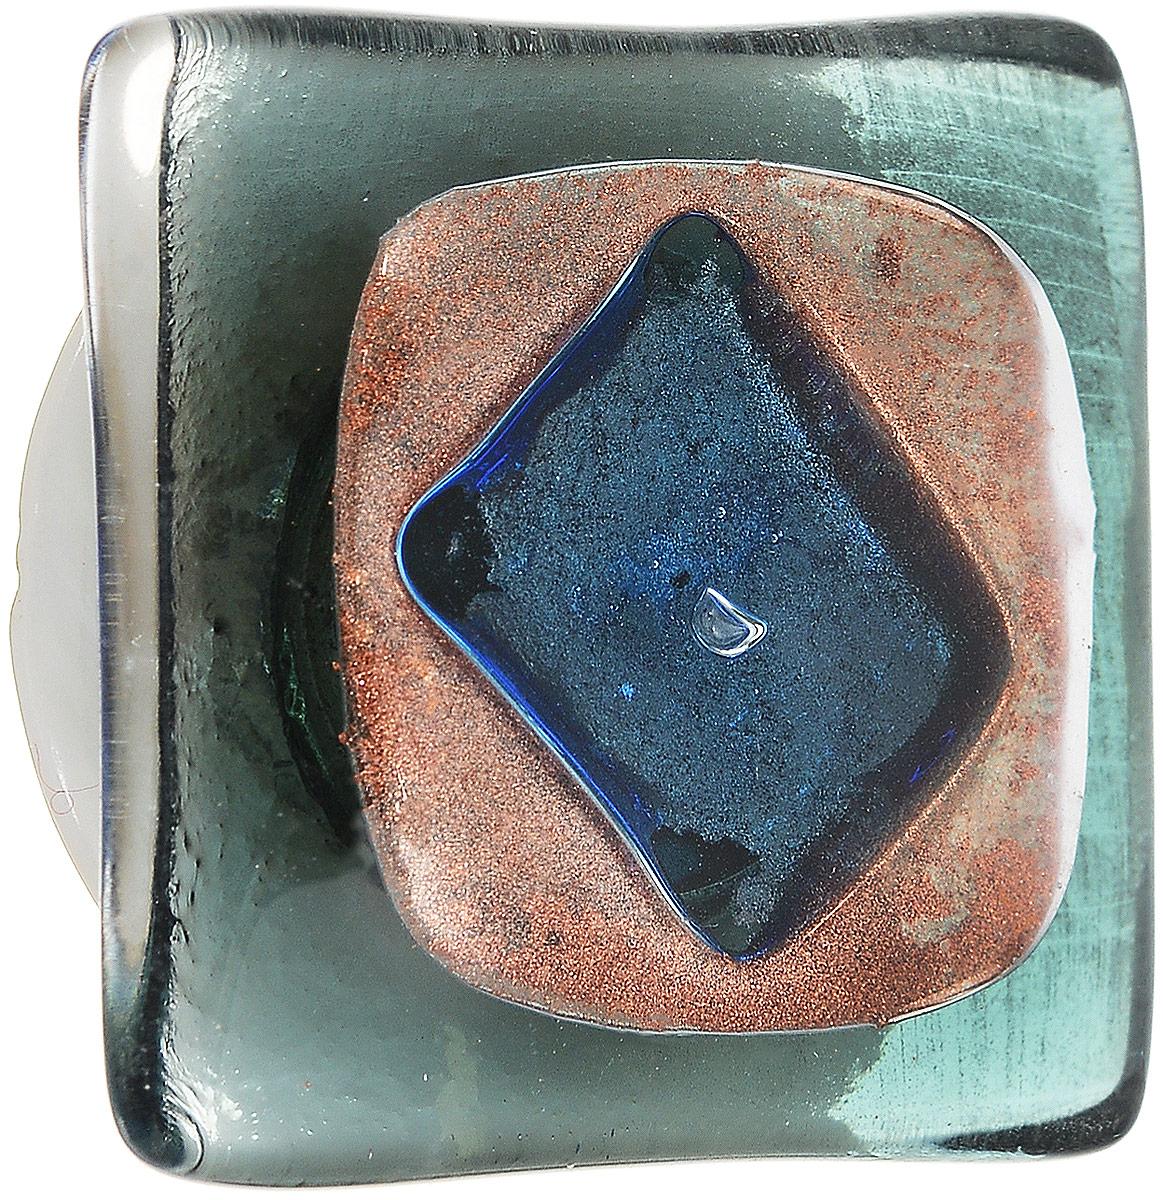 Брошь Сотворение мира. Муранское стекло, магнит, ручная работа. Murano, Италия (Венеция)30028010Брошь Сотворение мира. Муранское стекло, магнит, ручная работа. Murano, Италия (Венеция). Размер - 3 х 3 см. Тип крепления - магнит. Брошь можно носить на одежде, шляпе, рюкзаке или сумке. Каждое изделие из муранского стекла уникально и может незначительно отличаться от того, что вы видите на фотографии.